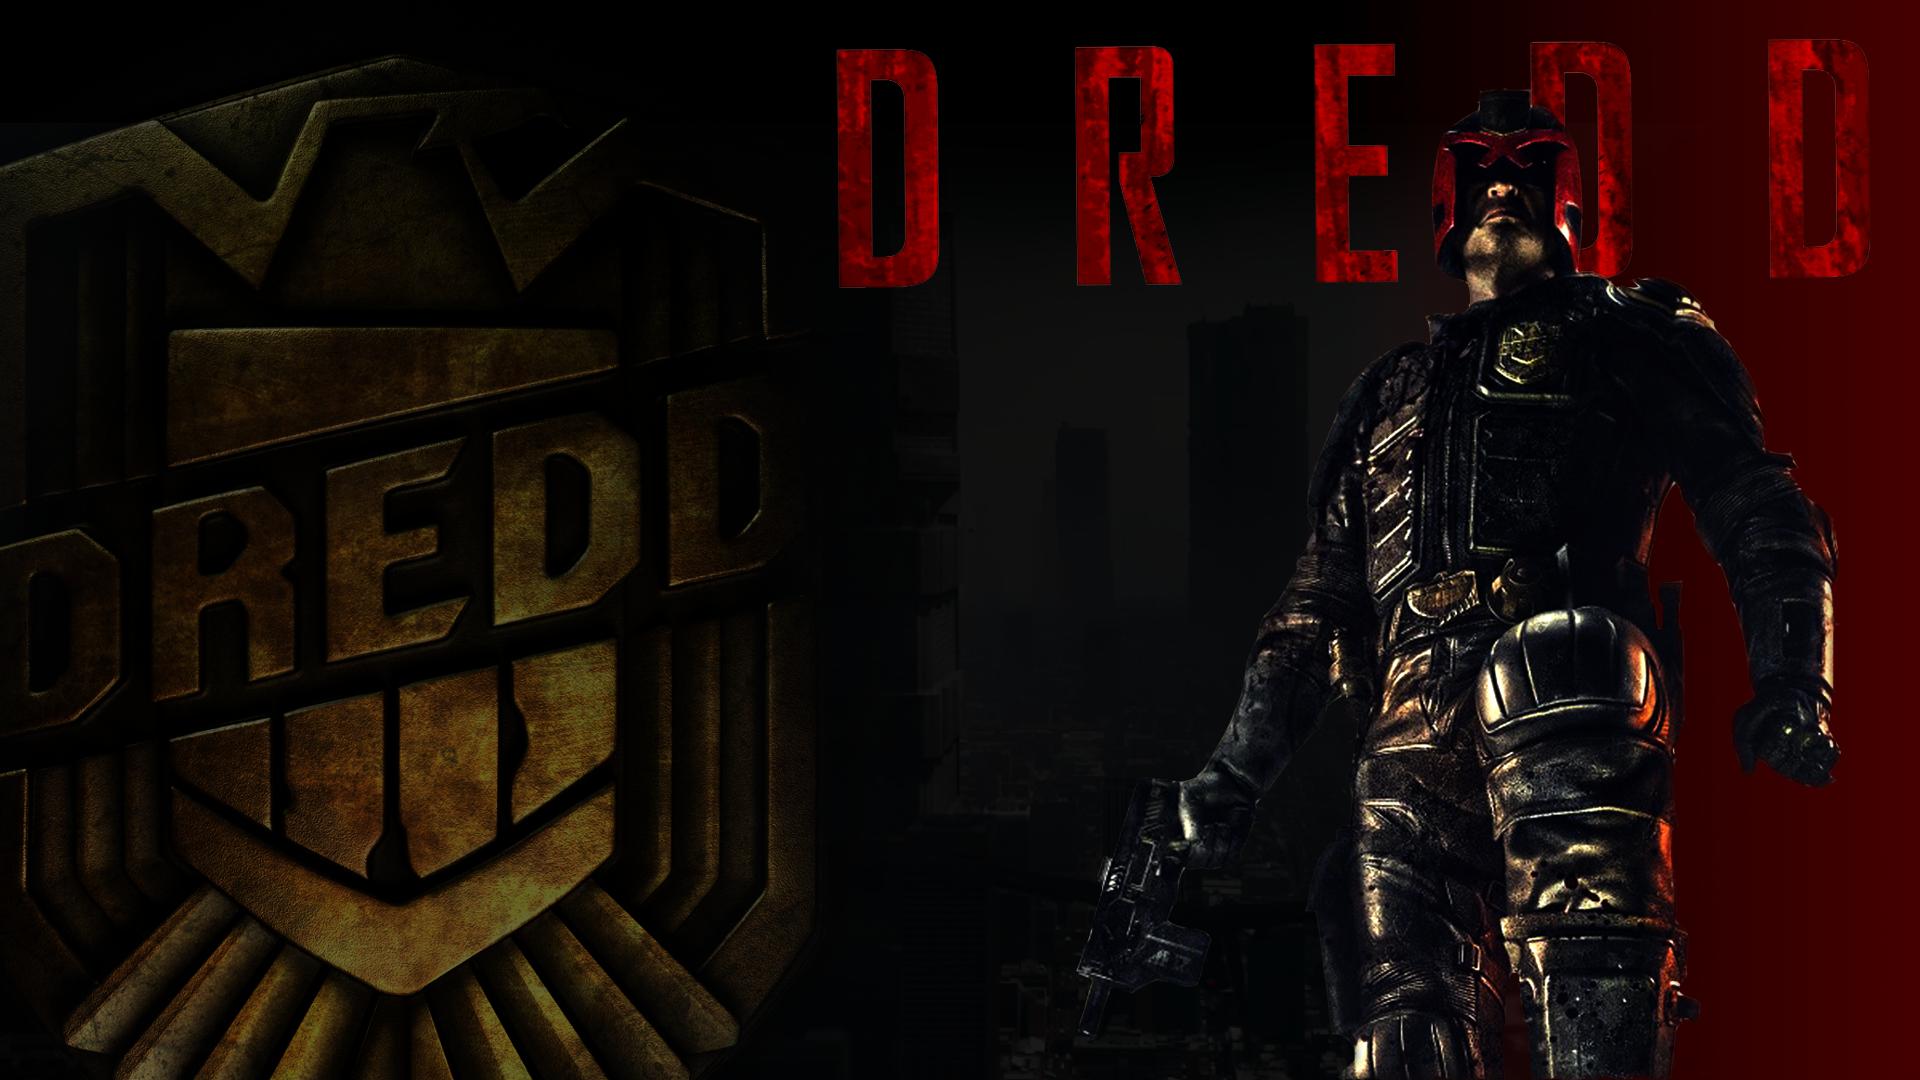 Dredd Movie Wallpaper by blades0100 on DeviantArt